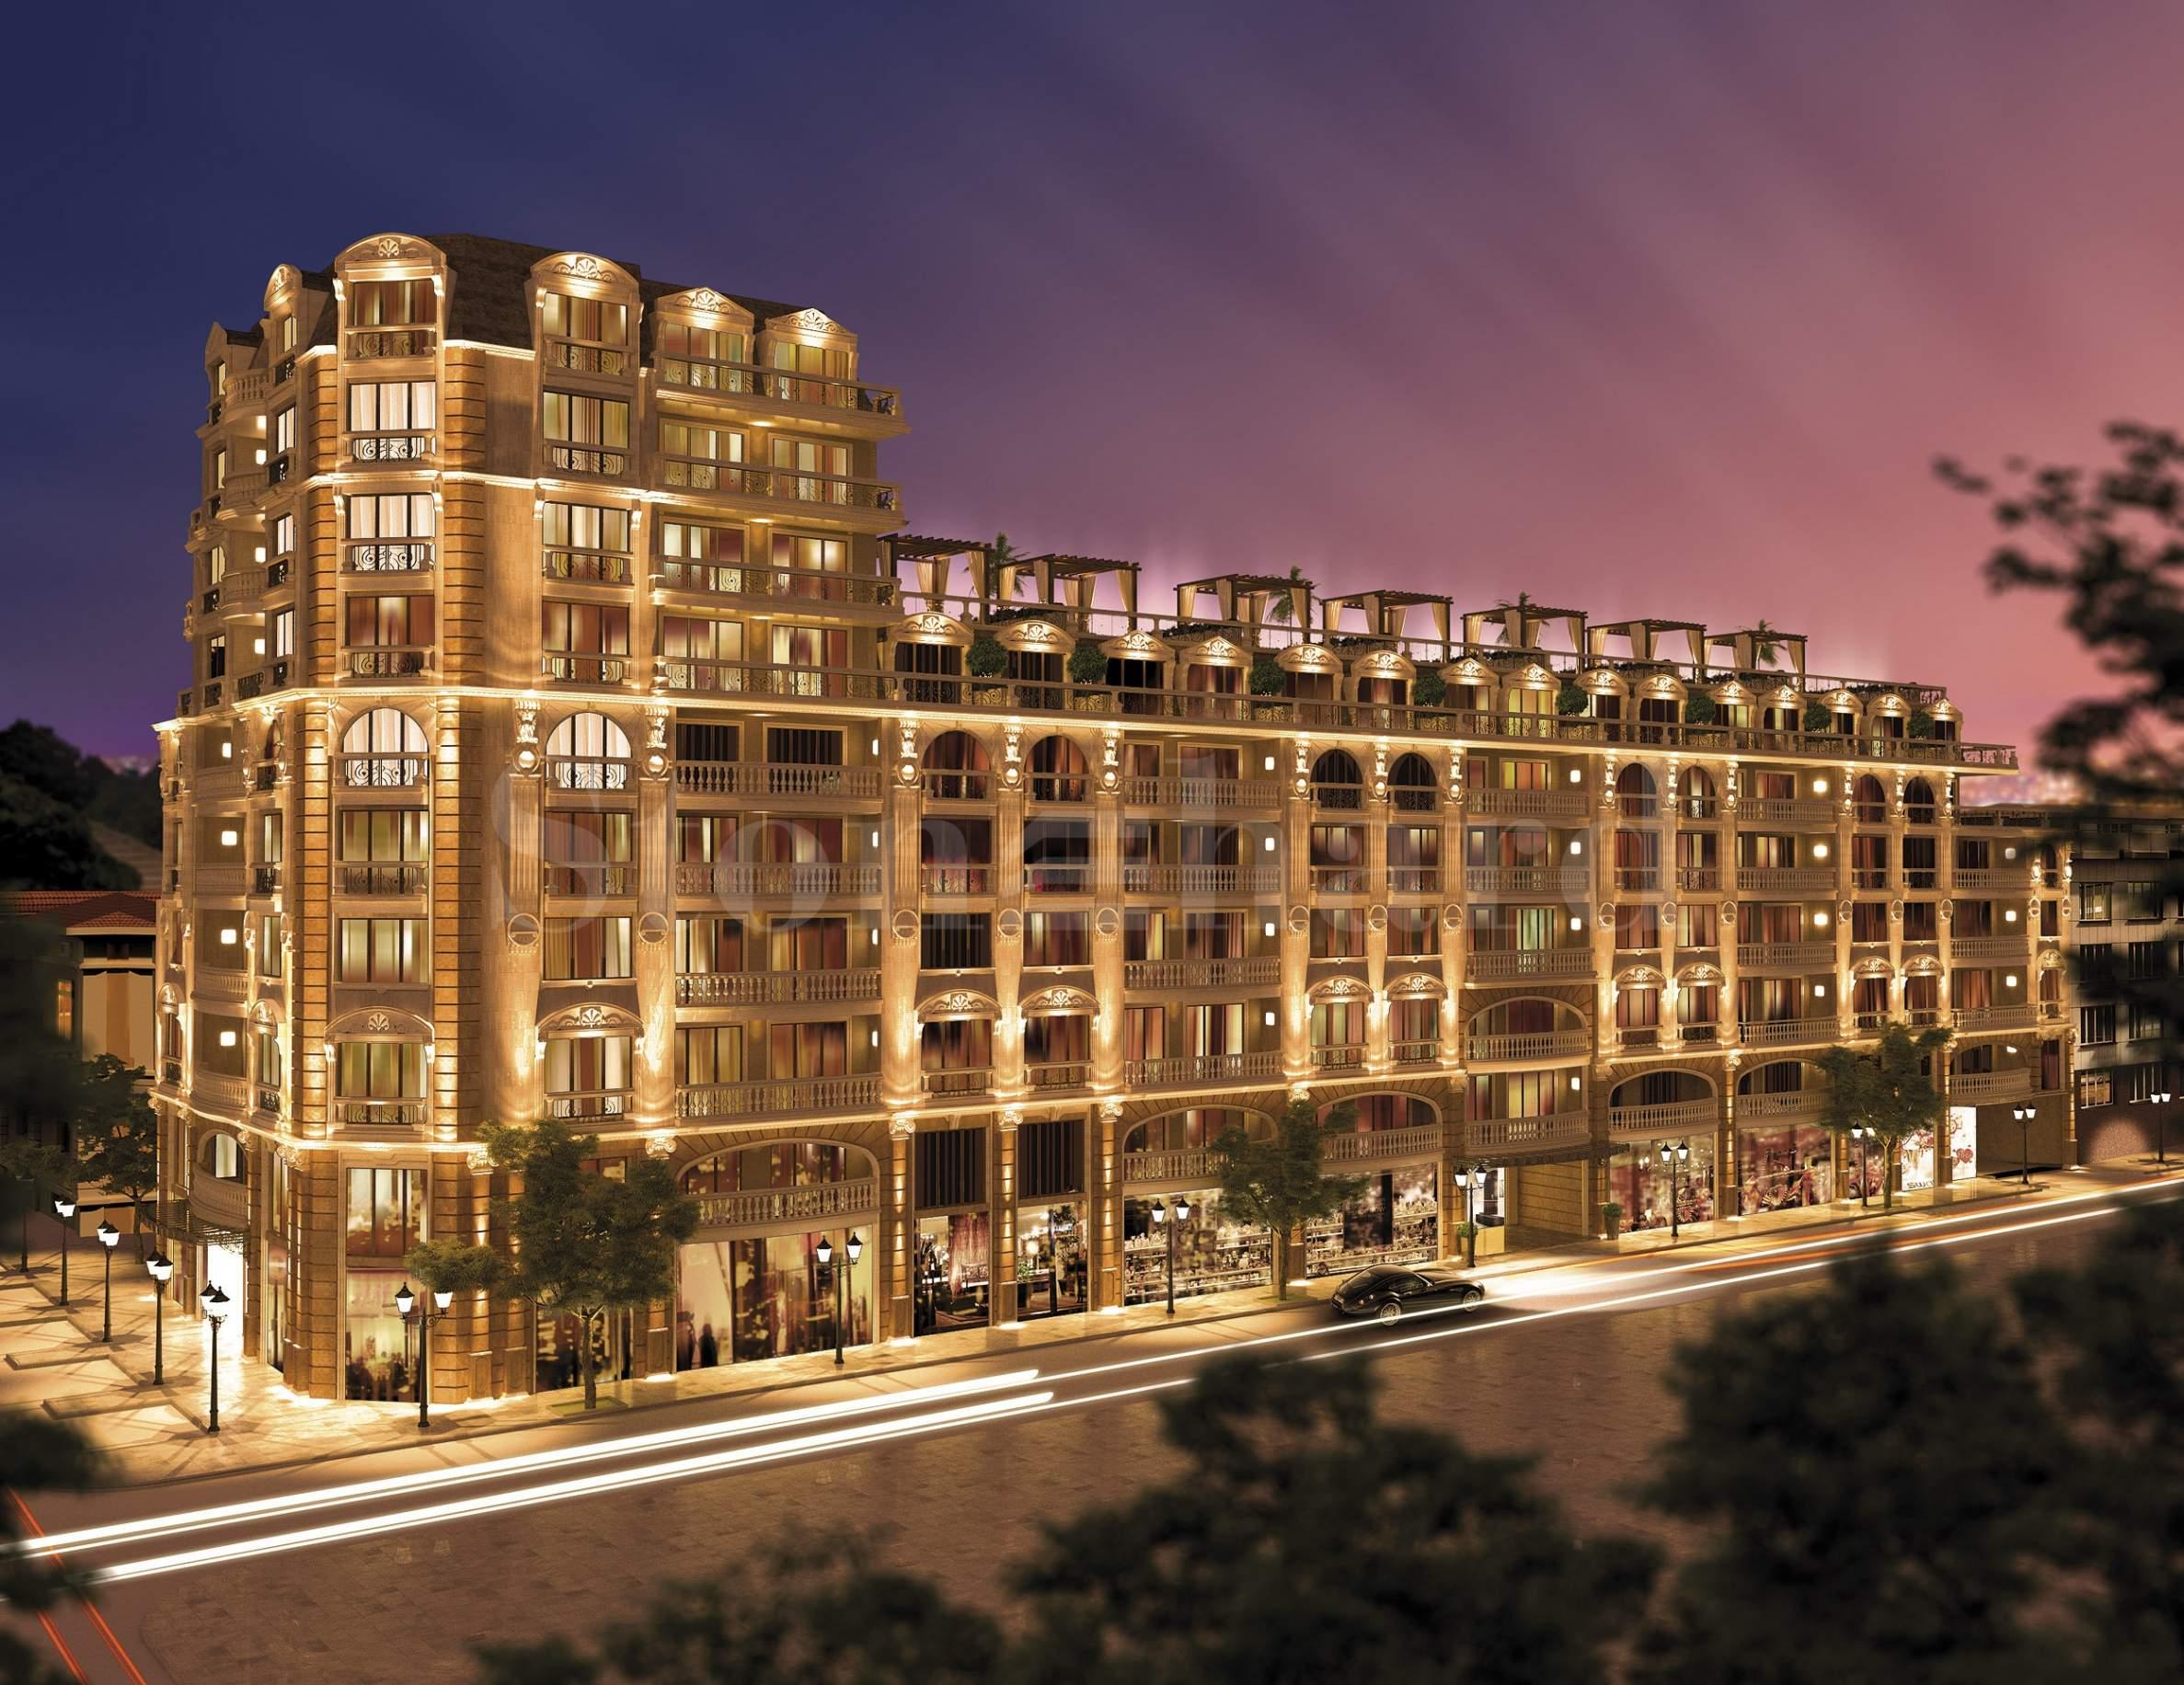 Апартаменти и офиси до Морската градина и плажа1 - Stonehard